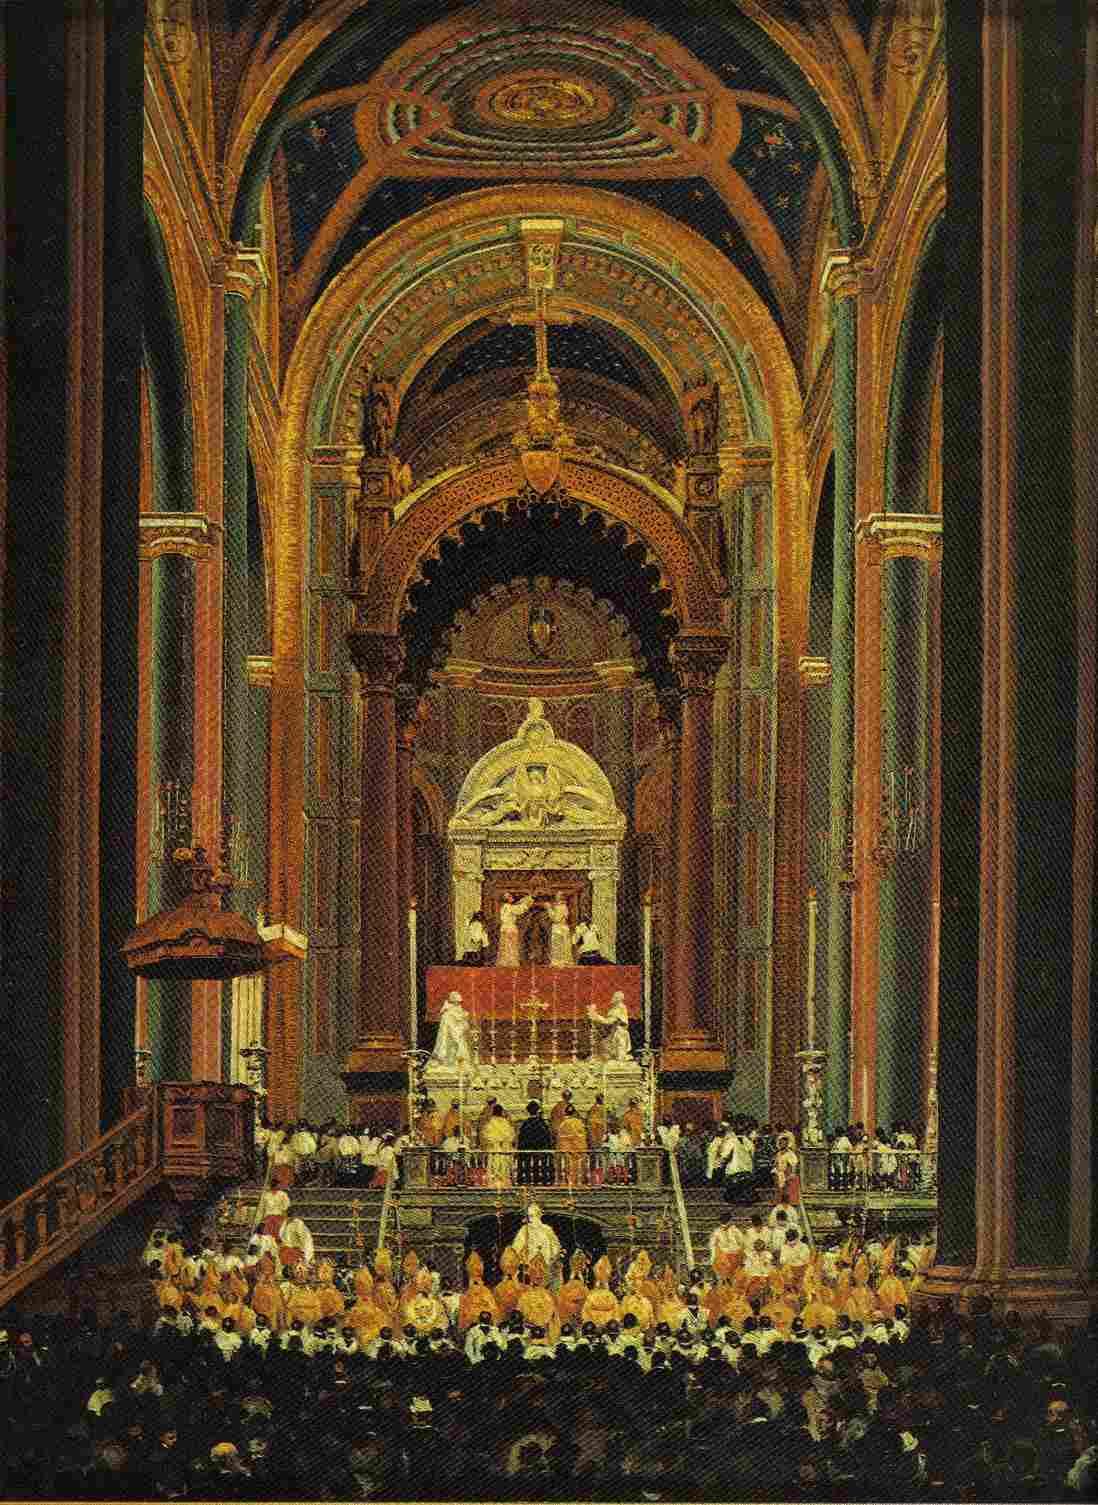 Nuestra Señora de Guadalupe | Pregunta Santoral